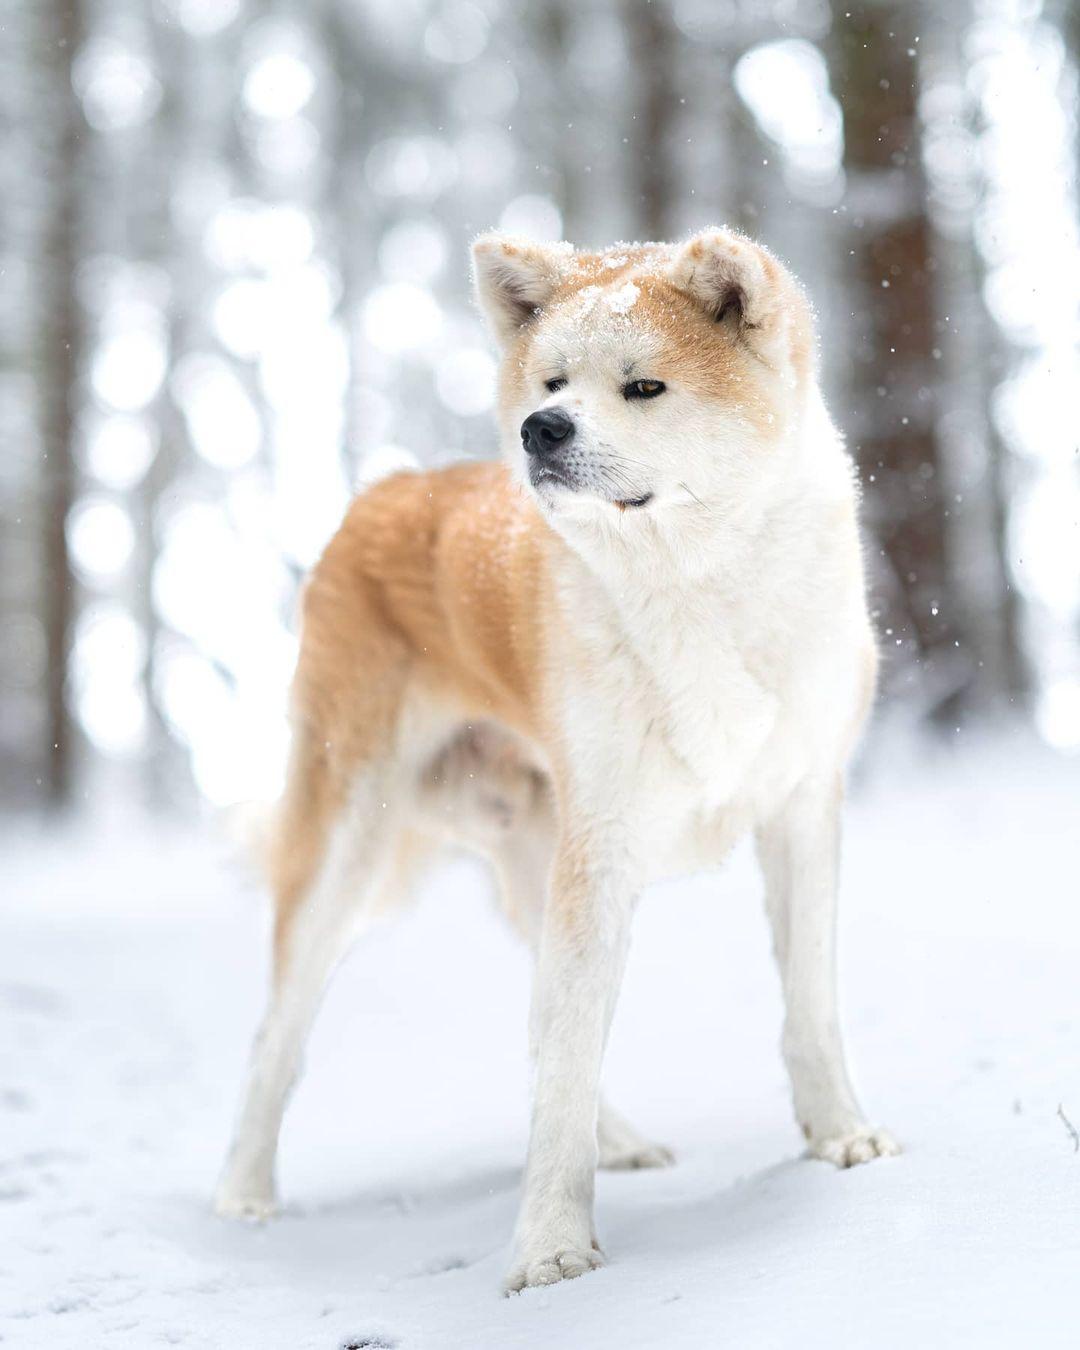 Đối với chó Akita, các loại gan, tim, phổi, thận sẽ được xem là phù hợp